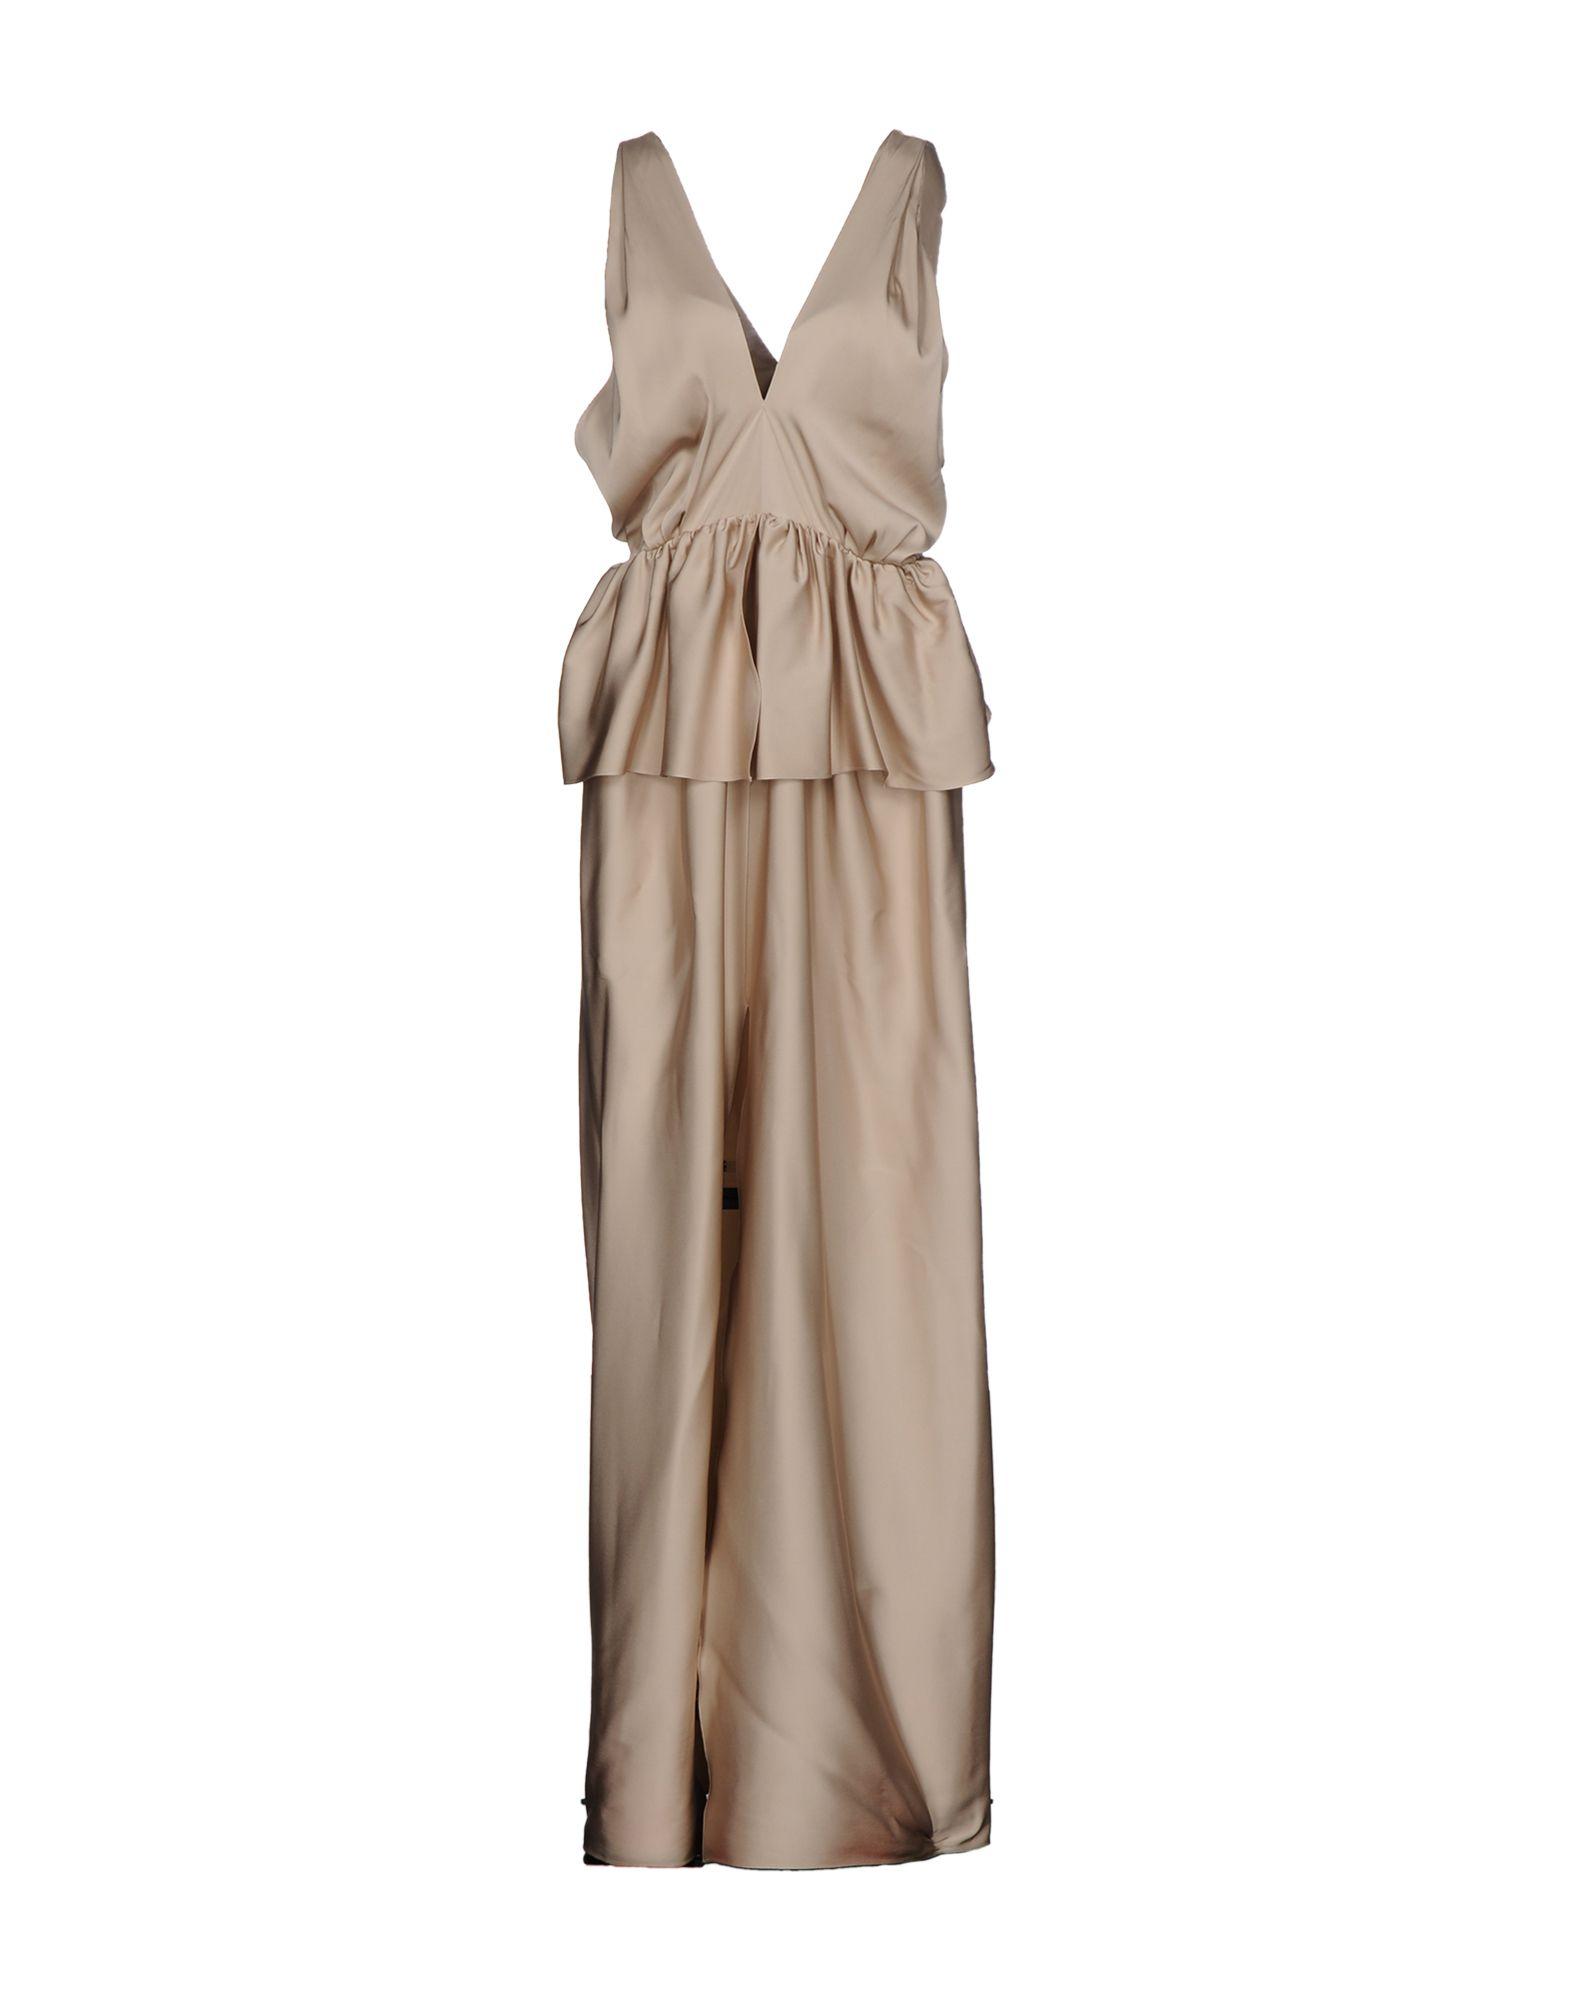 MAISON RABIH KAYROUZ Длинное платье платье короткое спереди длинное сзади летнее